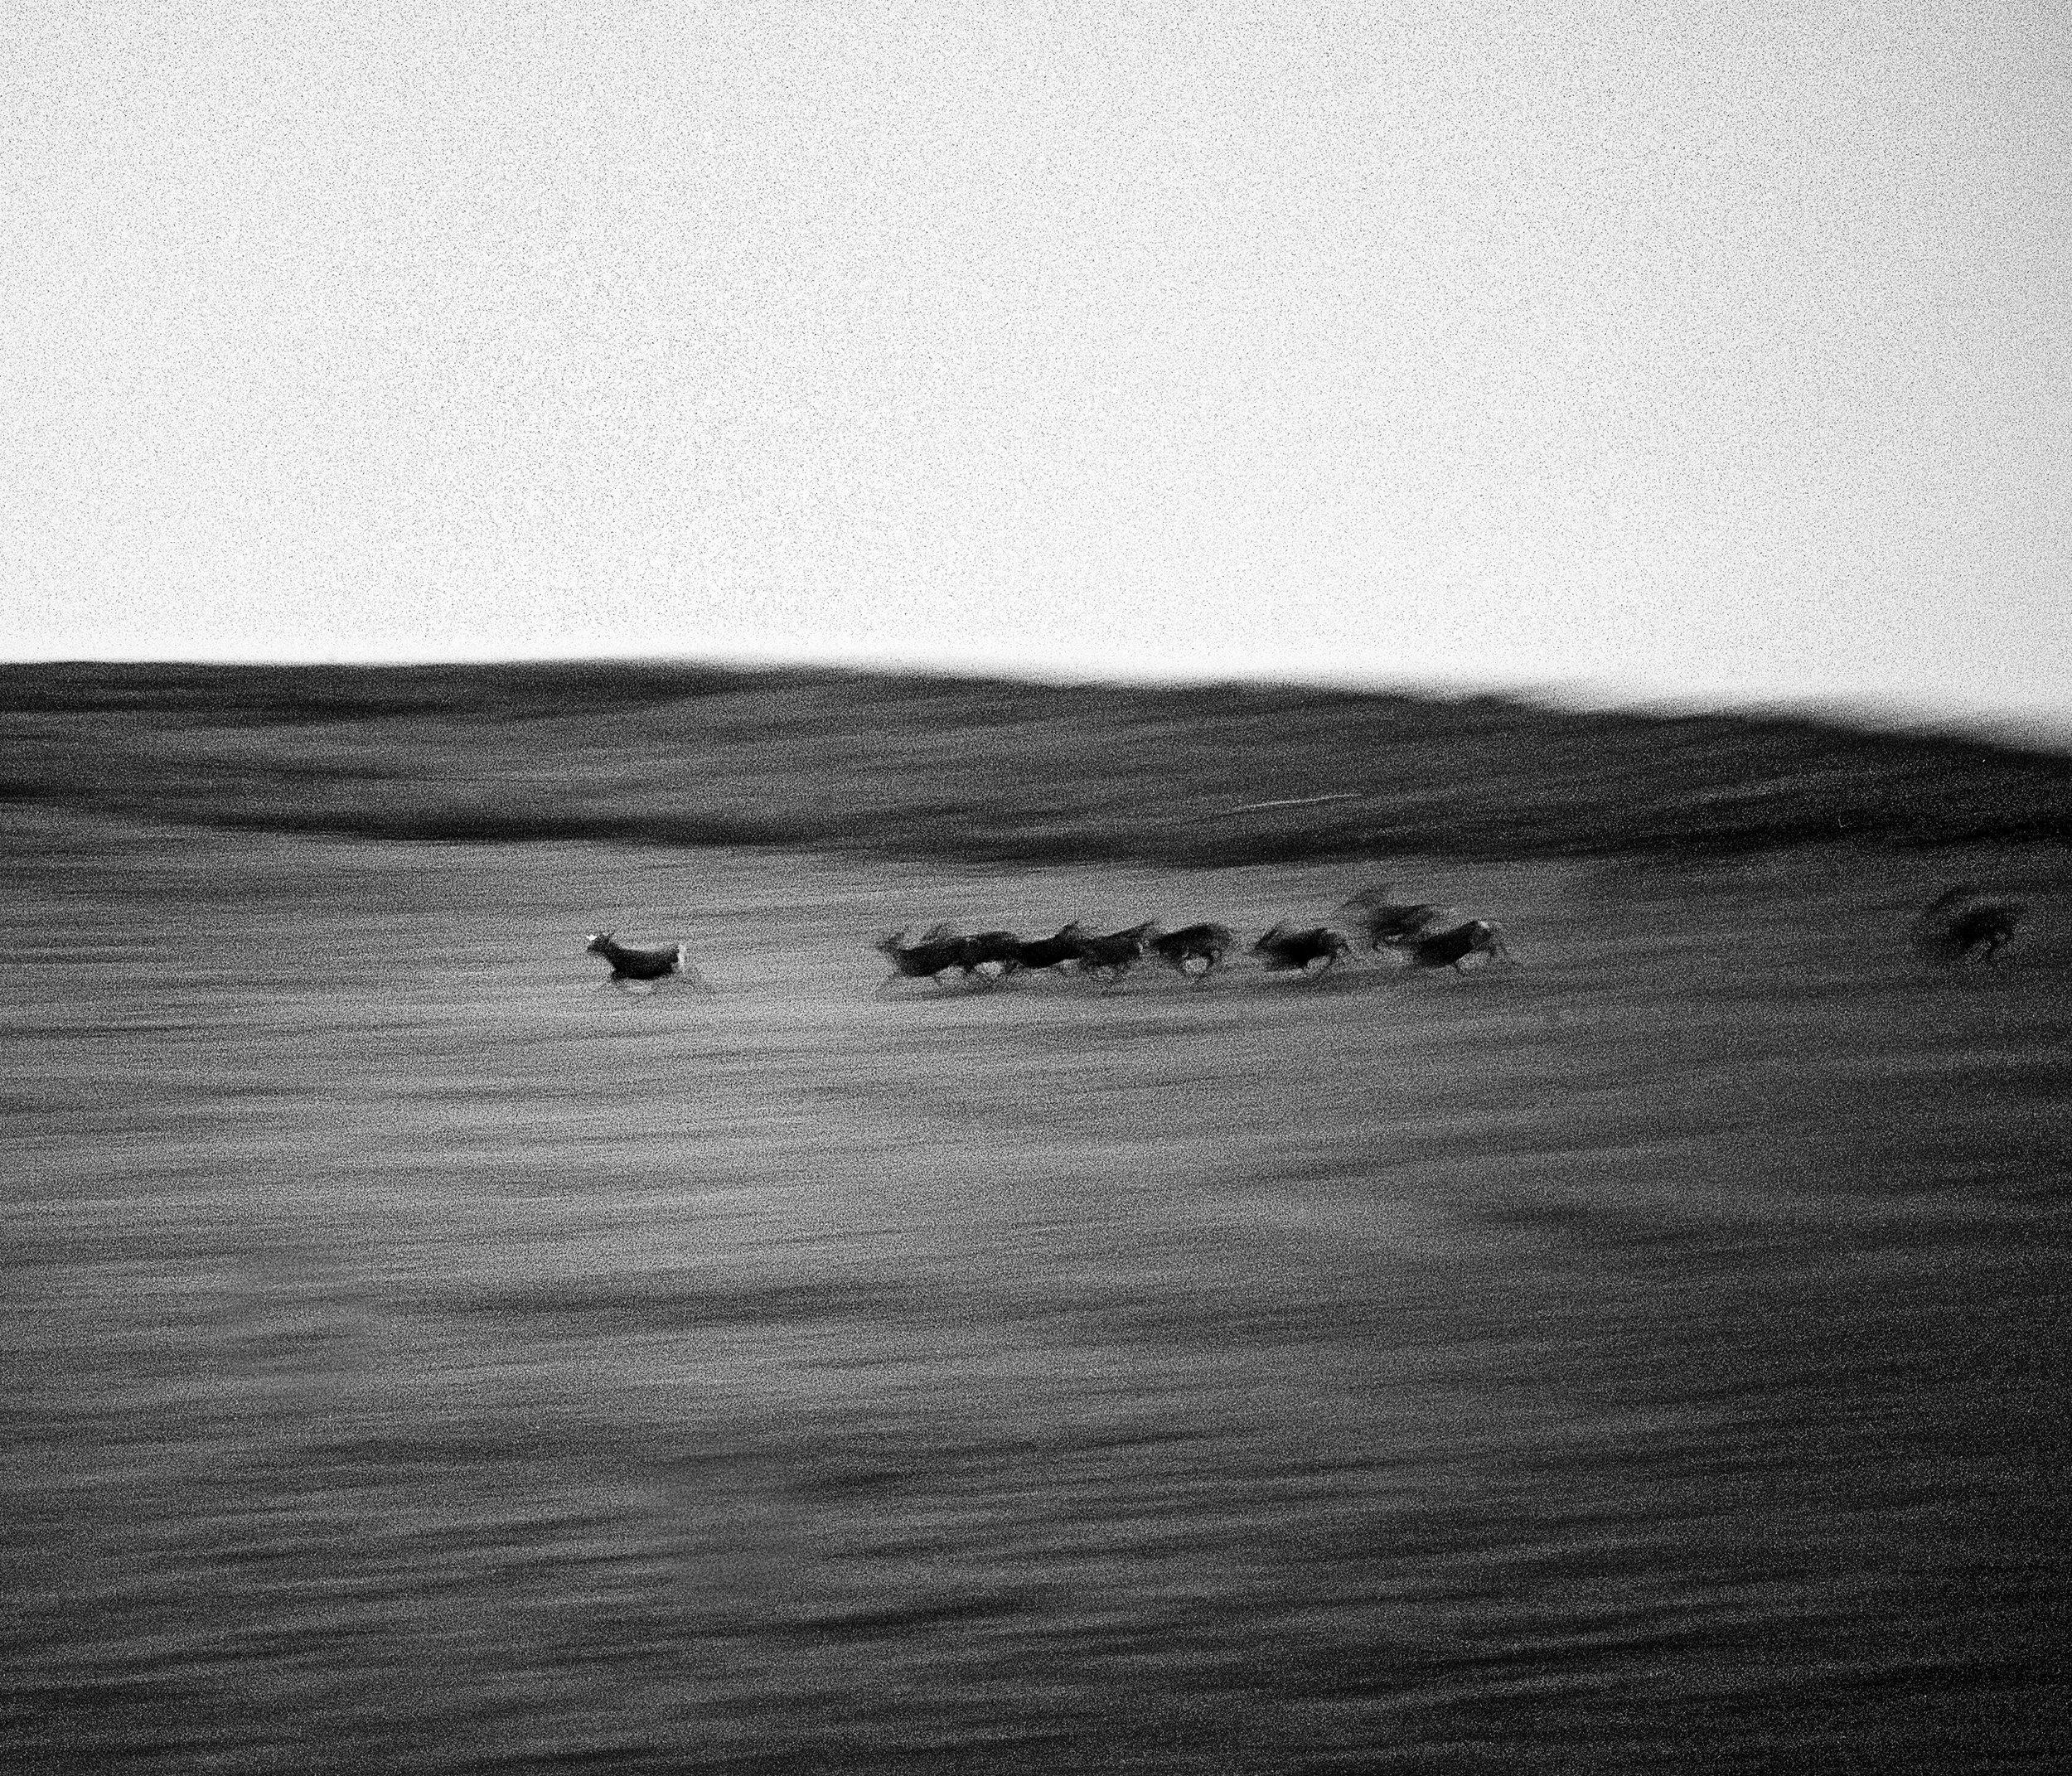 Nara Deer | Mamiya 7II | Ilford HP5+ | Cameron Kline